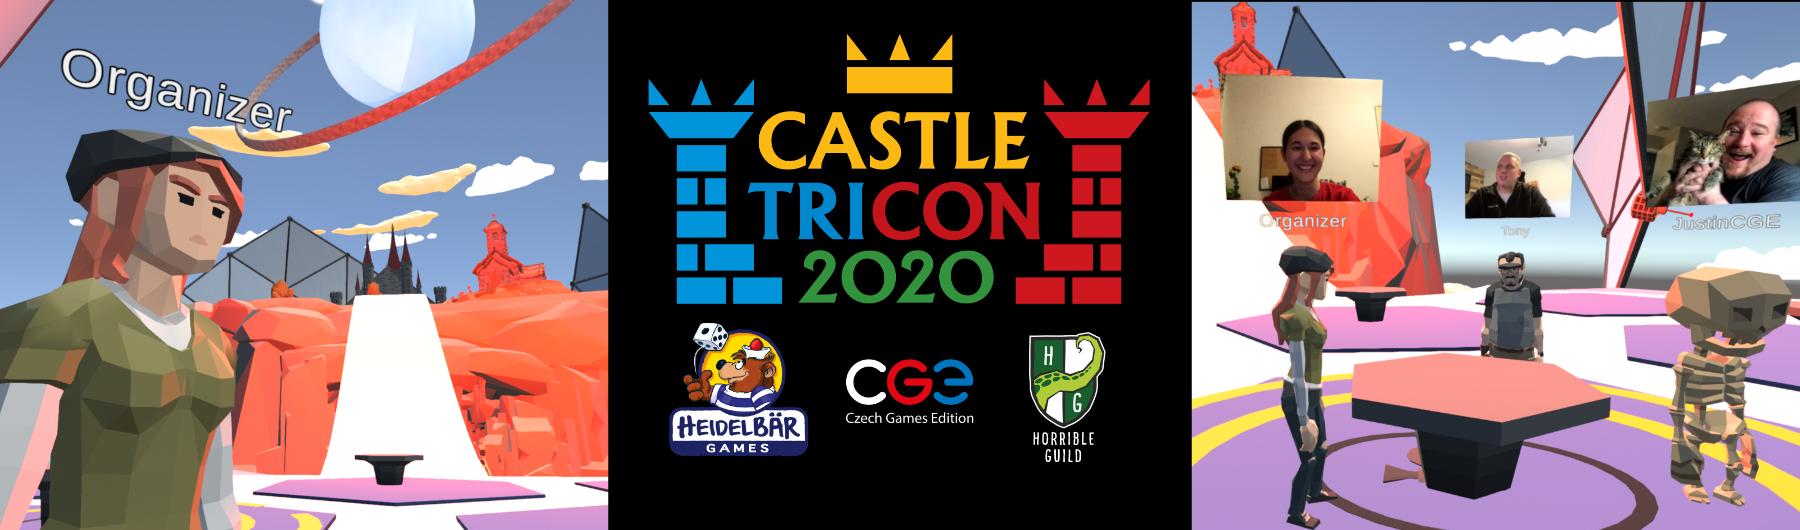 Castle TriCon 2020